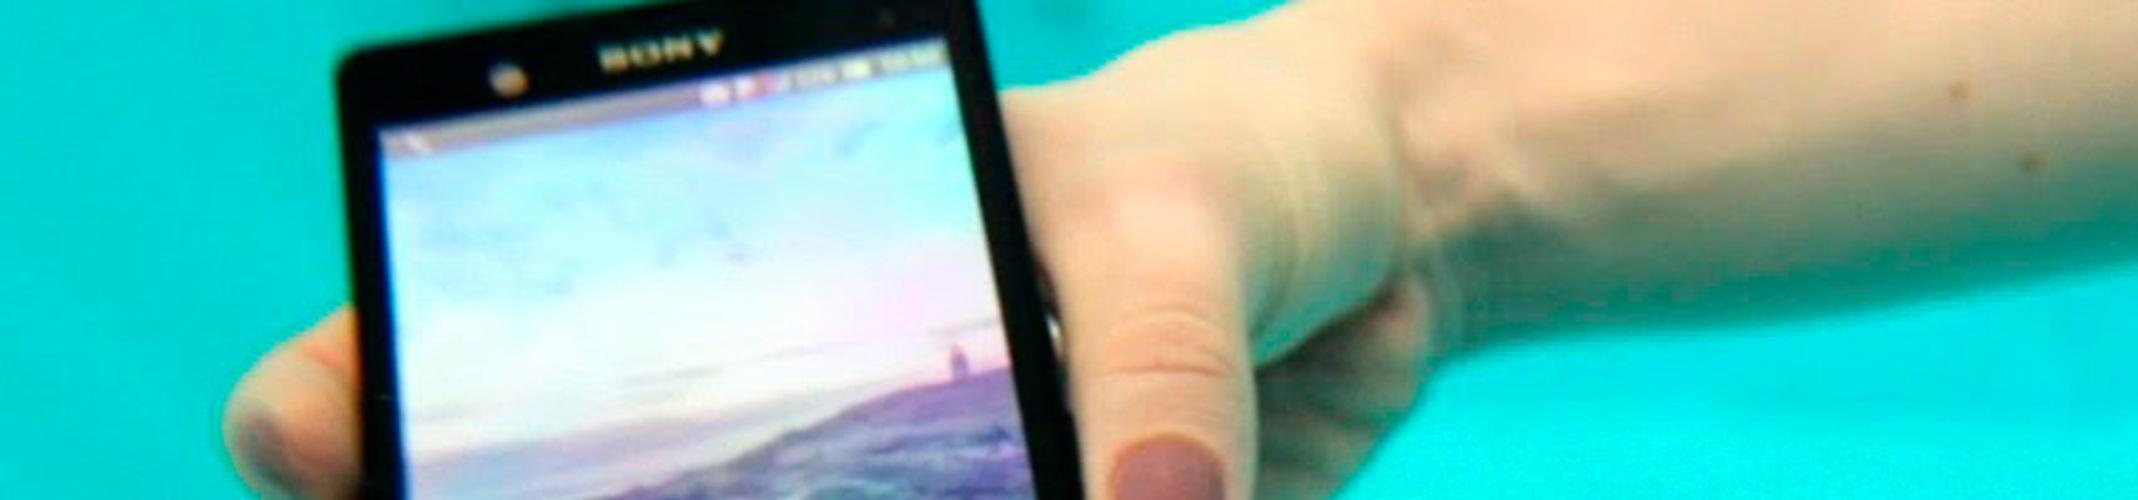 Как быть с iPhone, который уронили в воду или под экран затекла вода? Большой мануал-инструкция